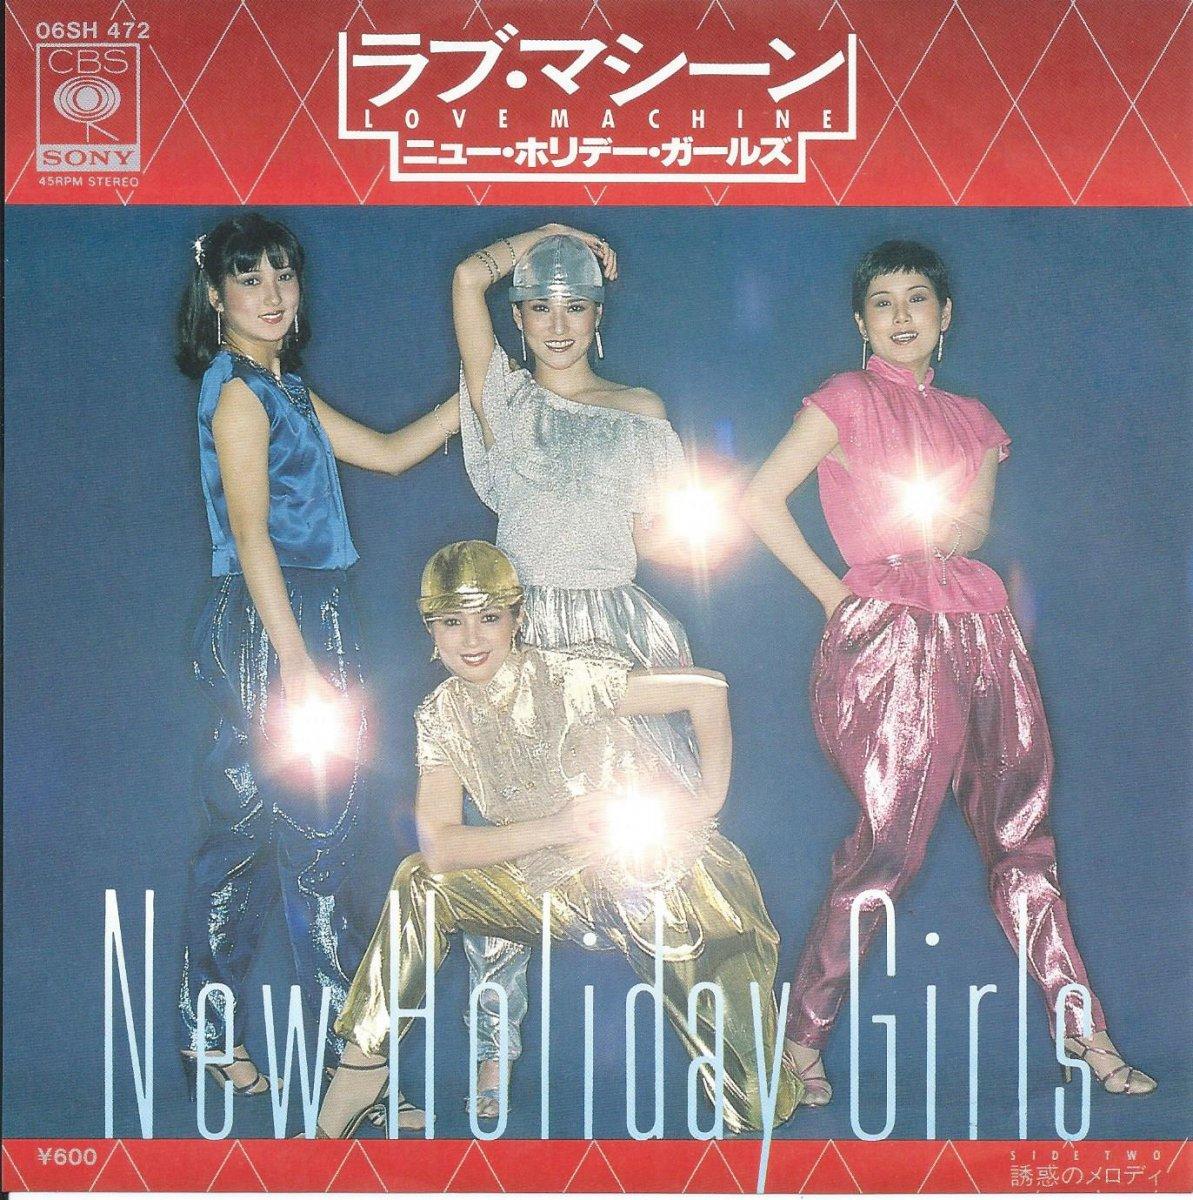 ニュー・ホリデー・ガールズ NEW HOLIDAY GIRLS / ラブ・マシーン LOVE MACHINE / 誘惑のメロディ (7